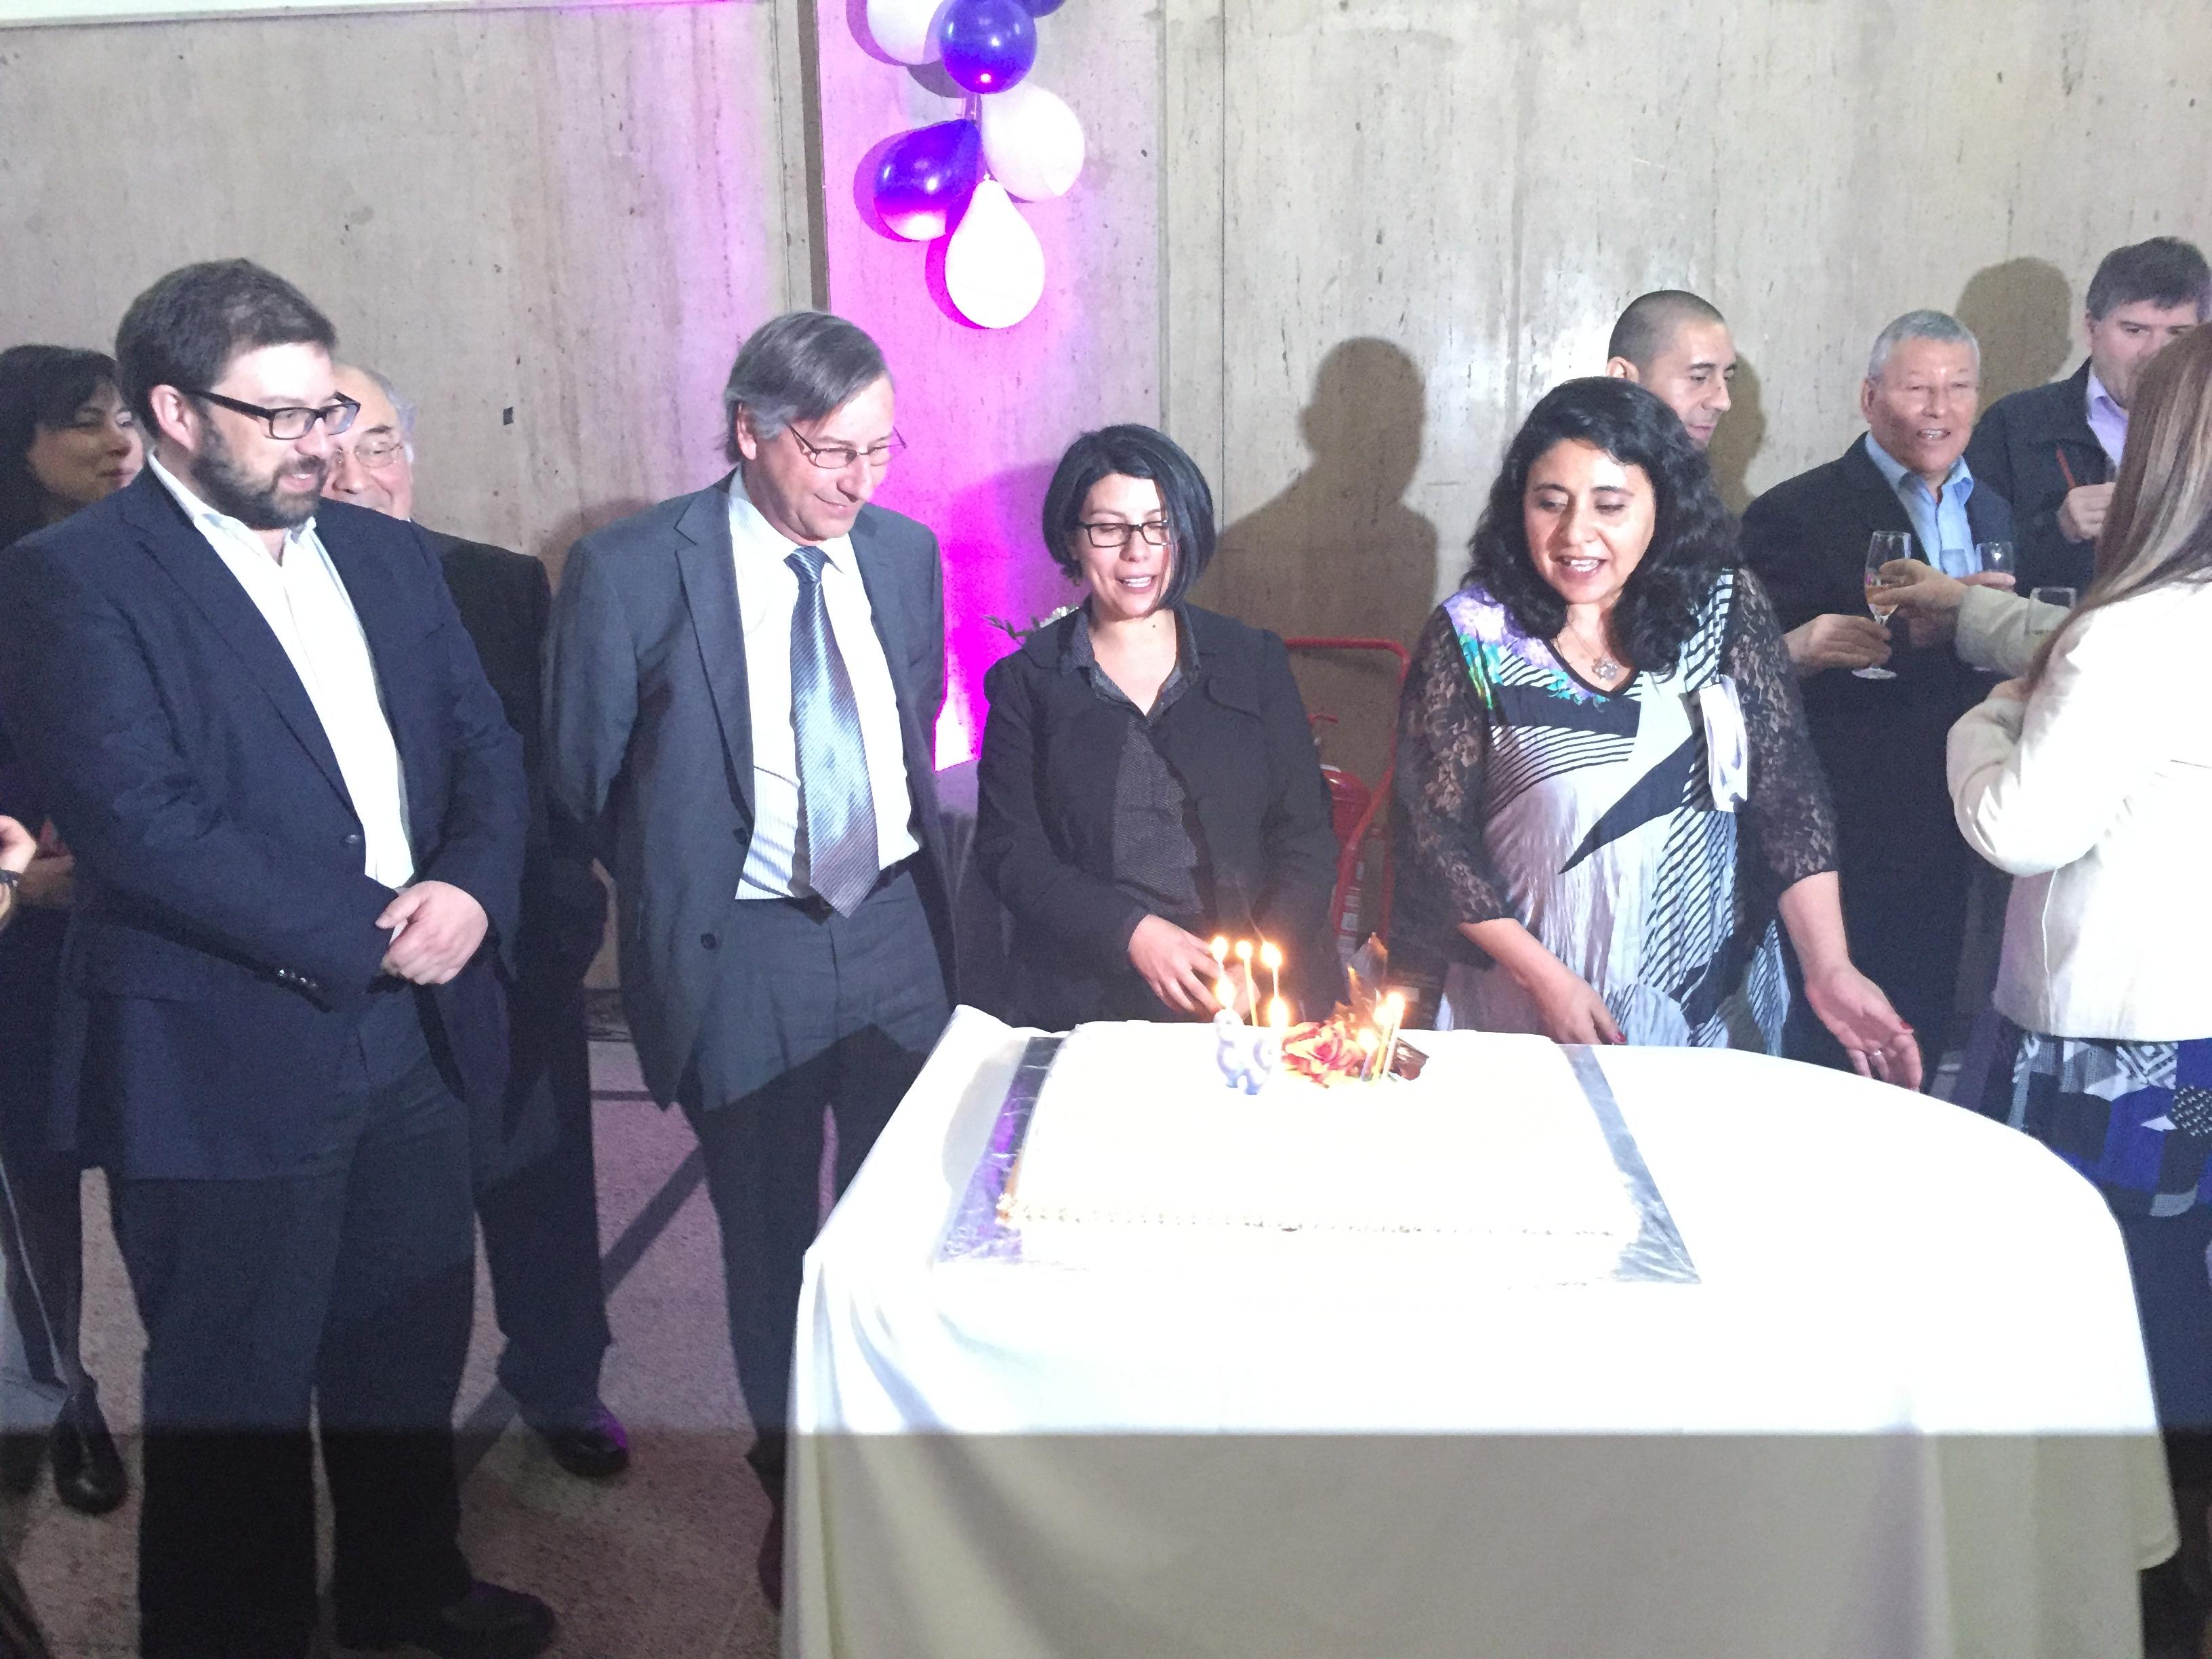 Más fotos Aniversario N° 89 de Dipres. Gentileza C. Montes, División Gestión Interna - 21 octubre 2016